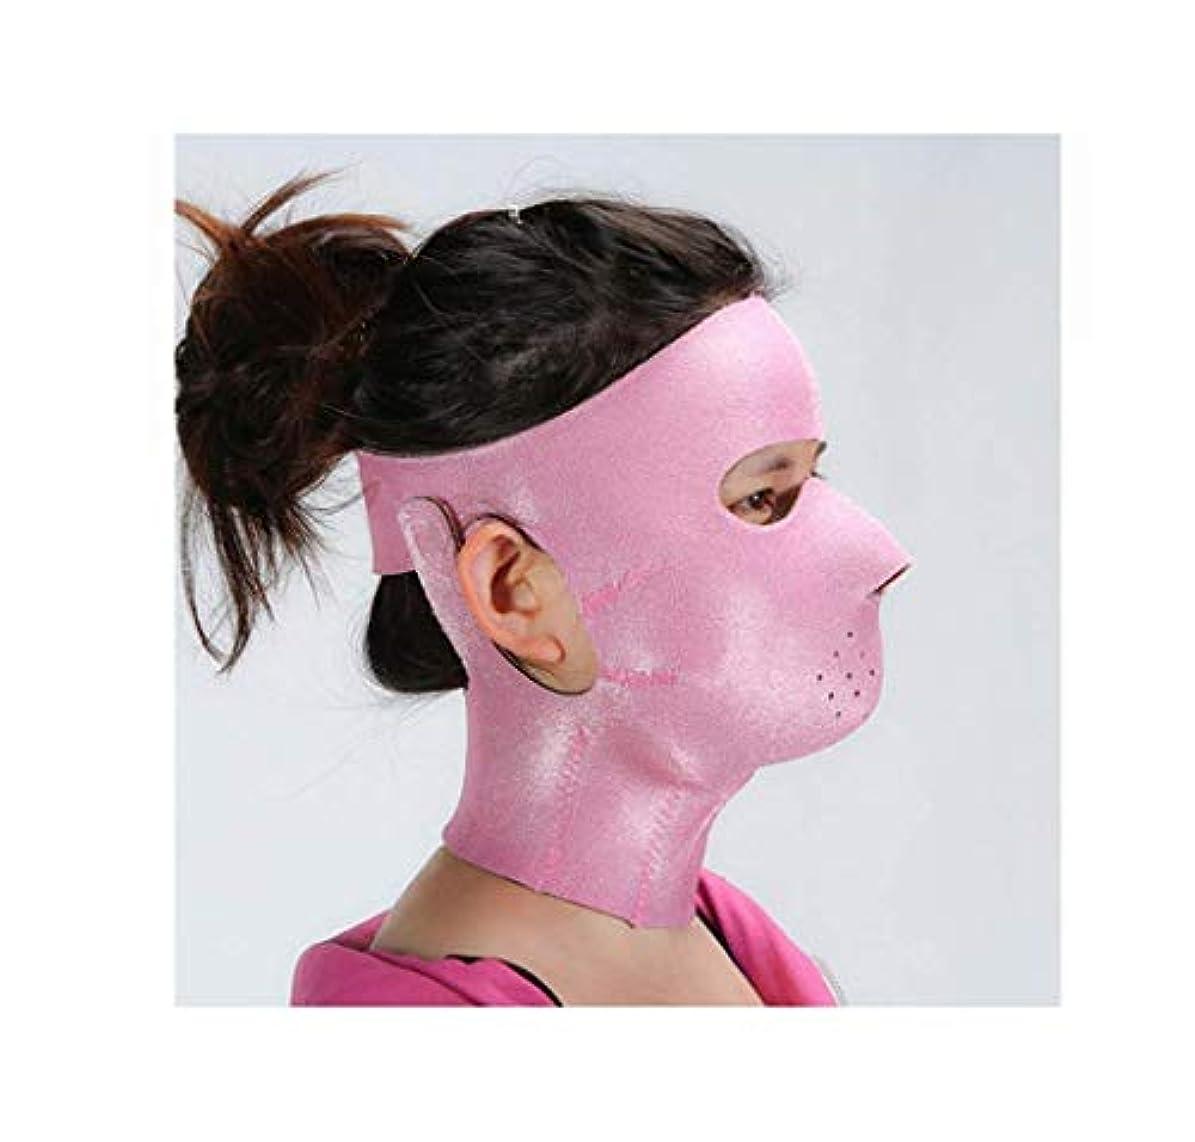 コンソールダイエットベットフェイスリフトマスク、フェイシャルマスクプラス薄いフェイスマスクタイトなたるみの薄いフェイスマスクフェイシャル薄いフェイスマスクアーティファクトビューティーネックストラップ付き